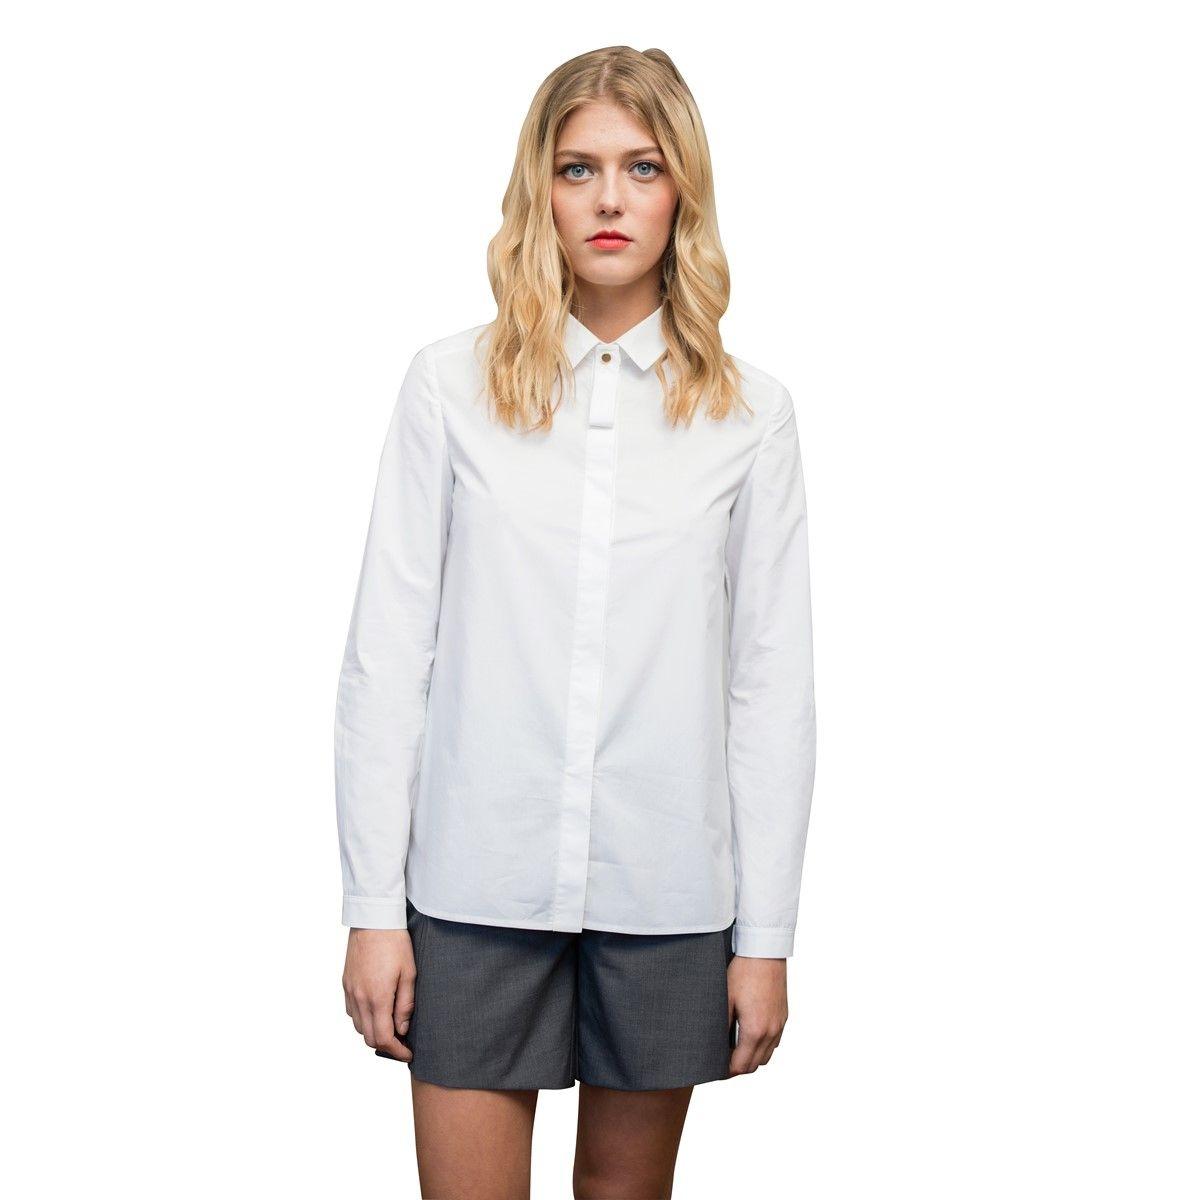 Chemise Femme manches longues en coton style british chic et moderne